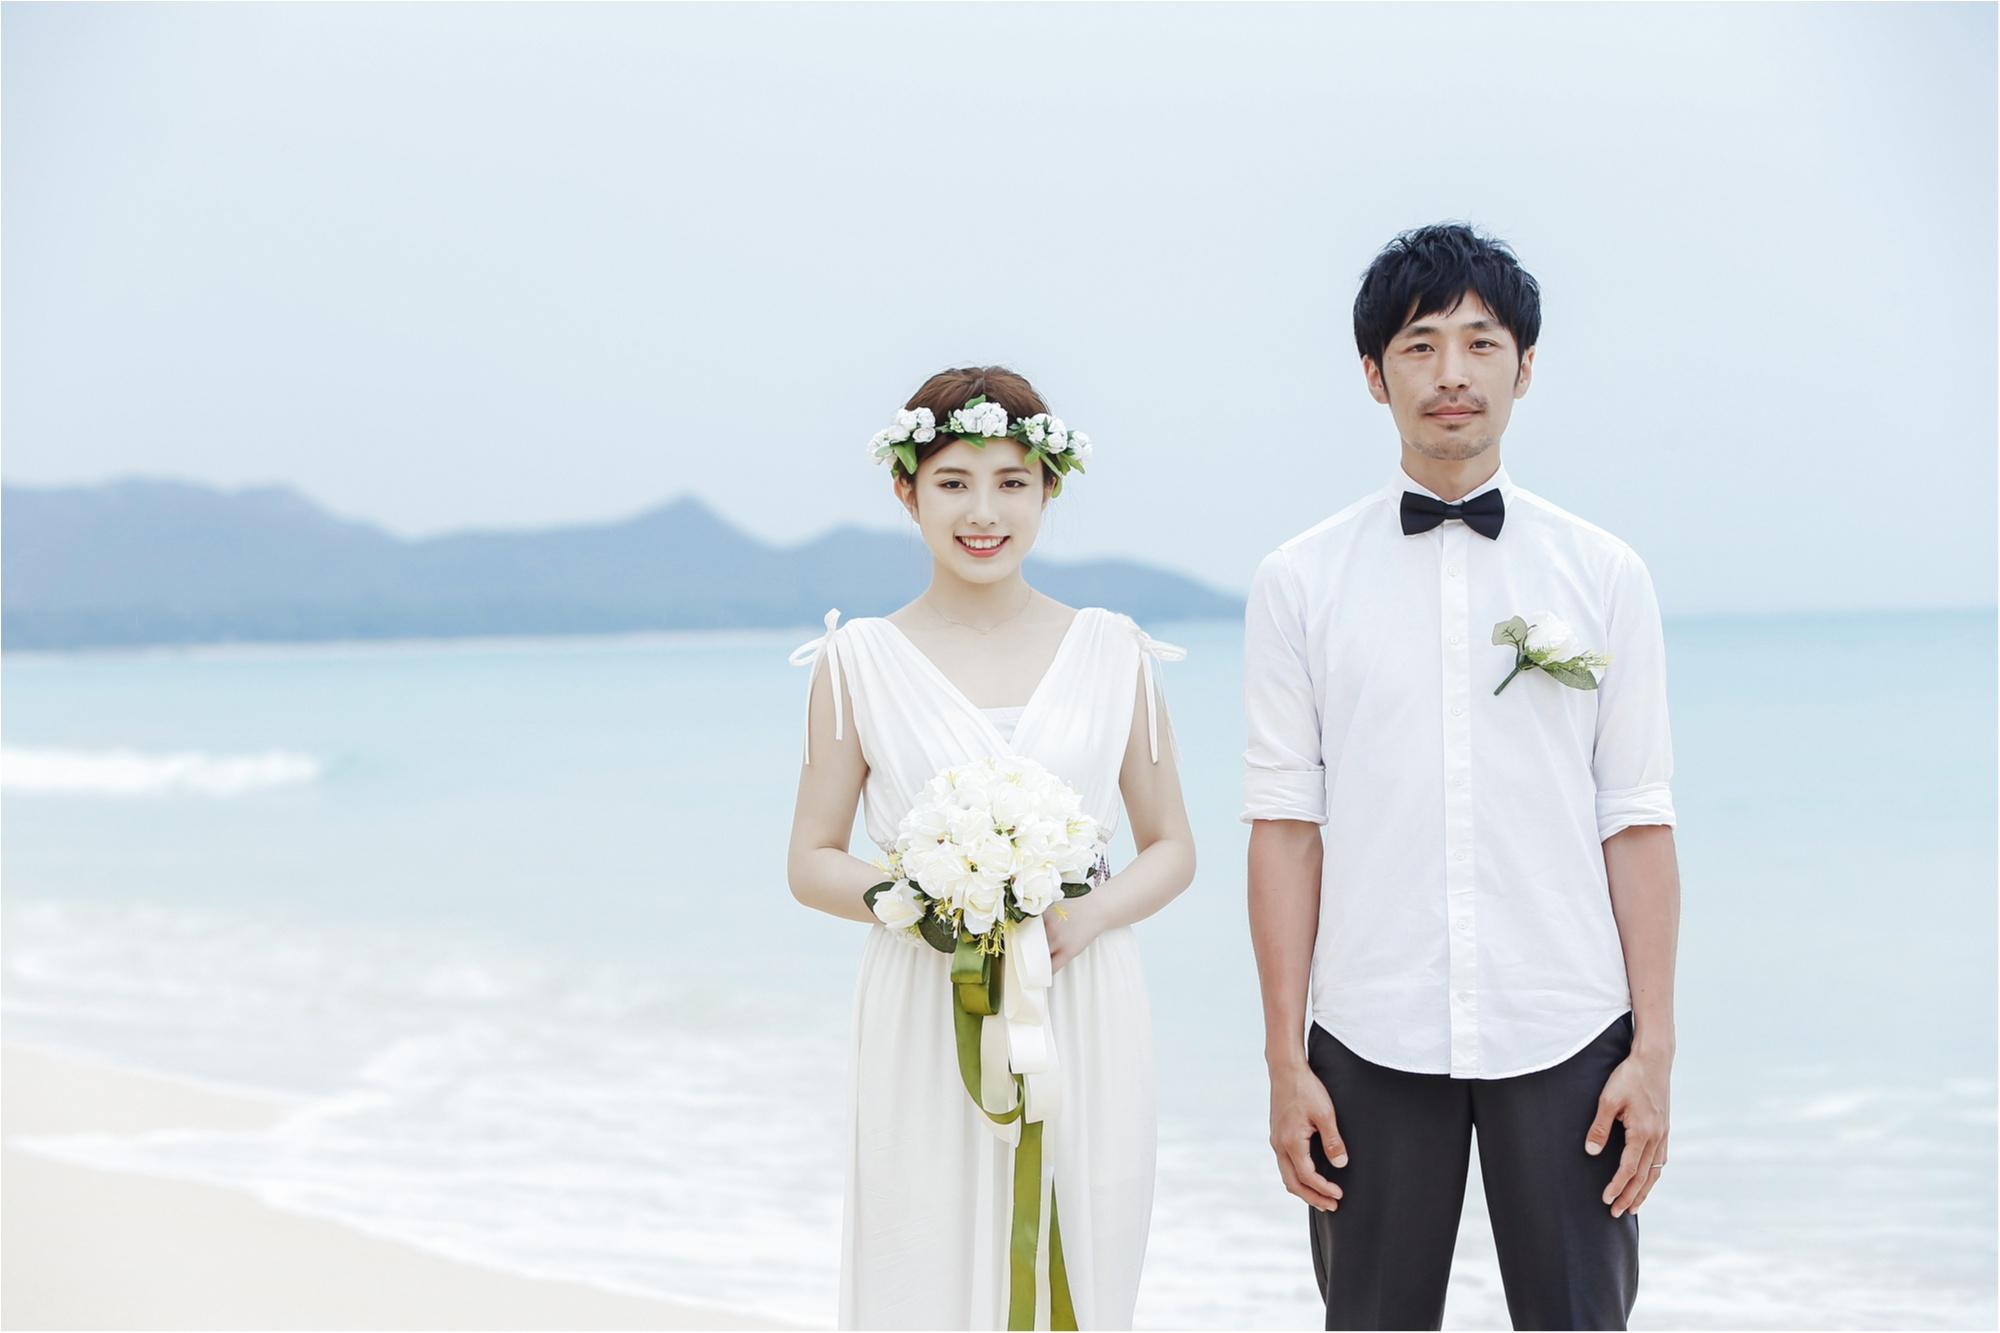 結婚するorしない……マネー面ではどっちがおトクなの??_1